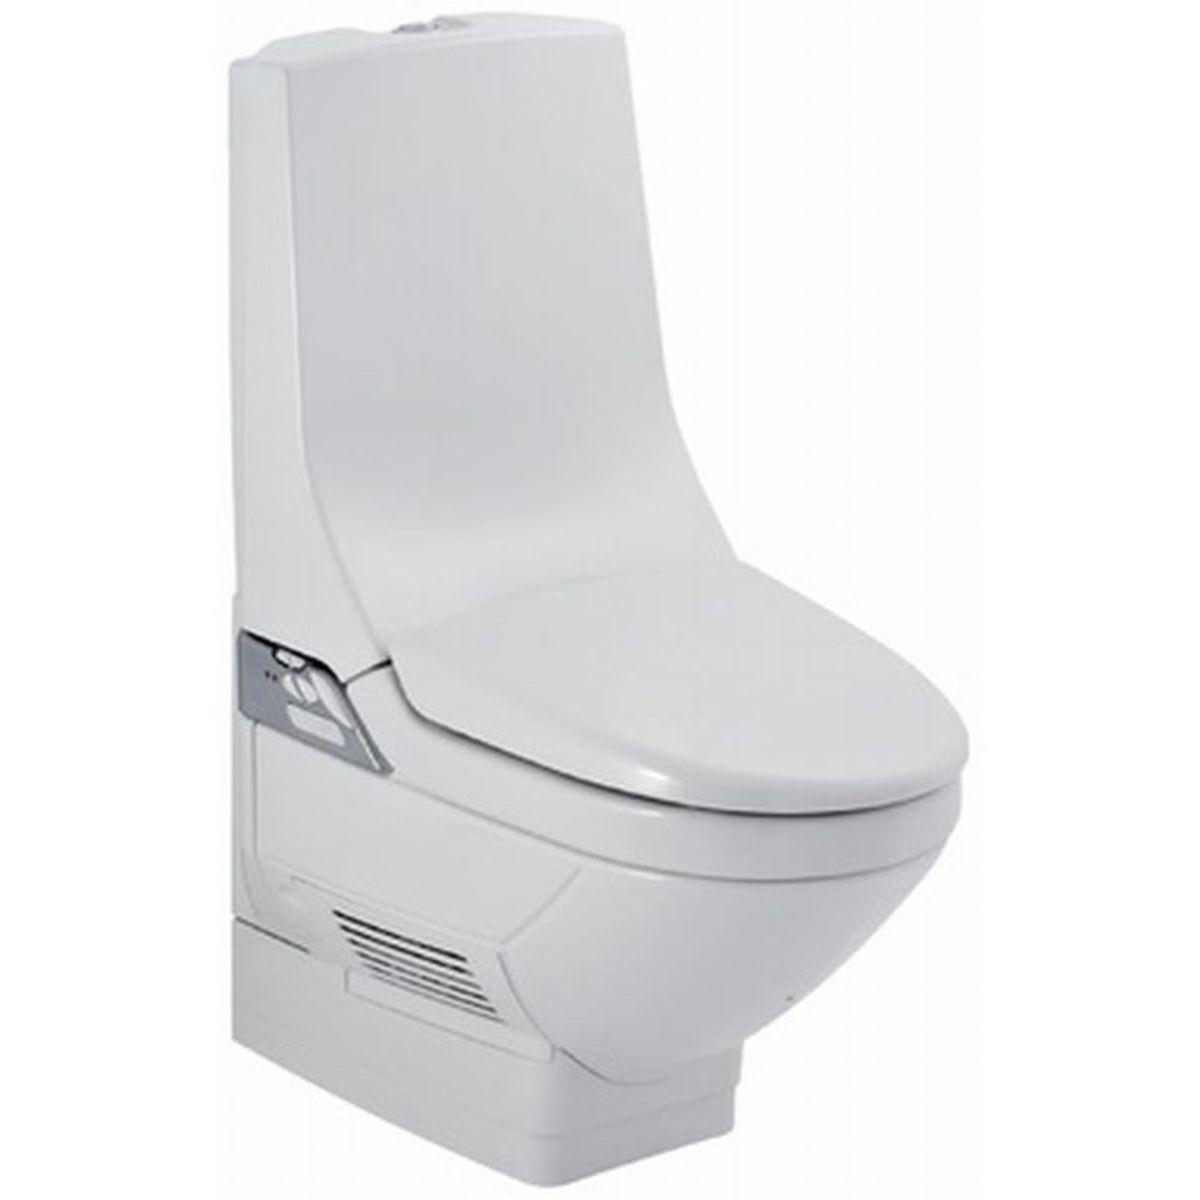 Geberit Aquaclean Wc Japonais Combinaison Wc 8000+ Modèle encequiconcerne Toilettes Japonais